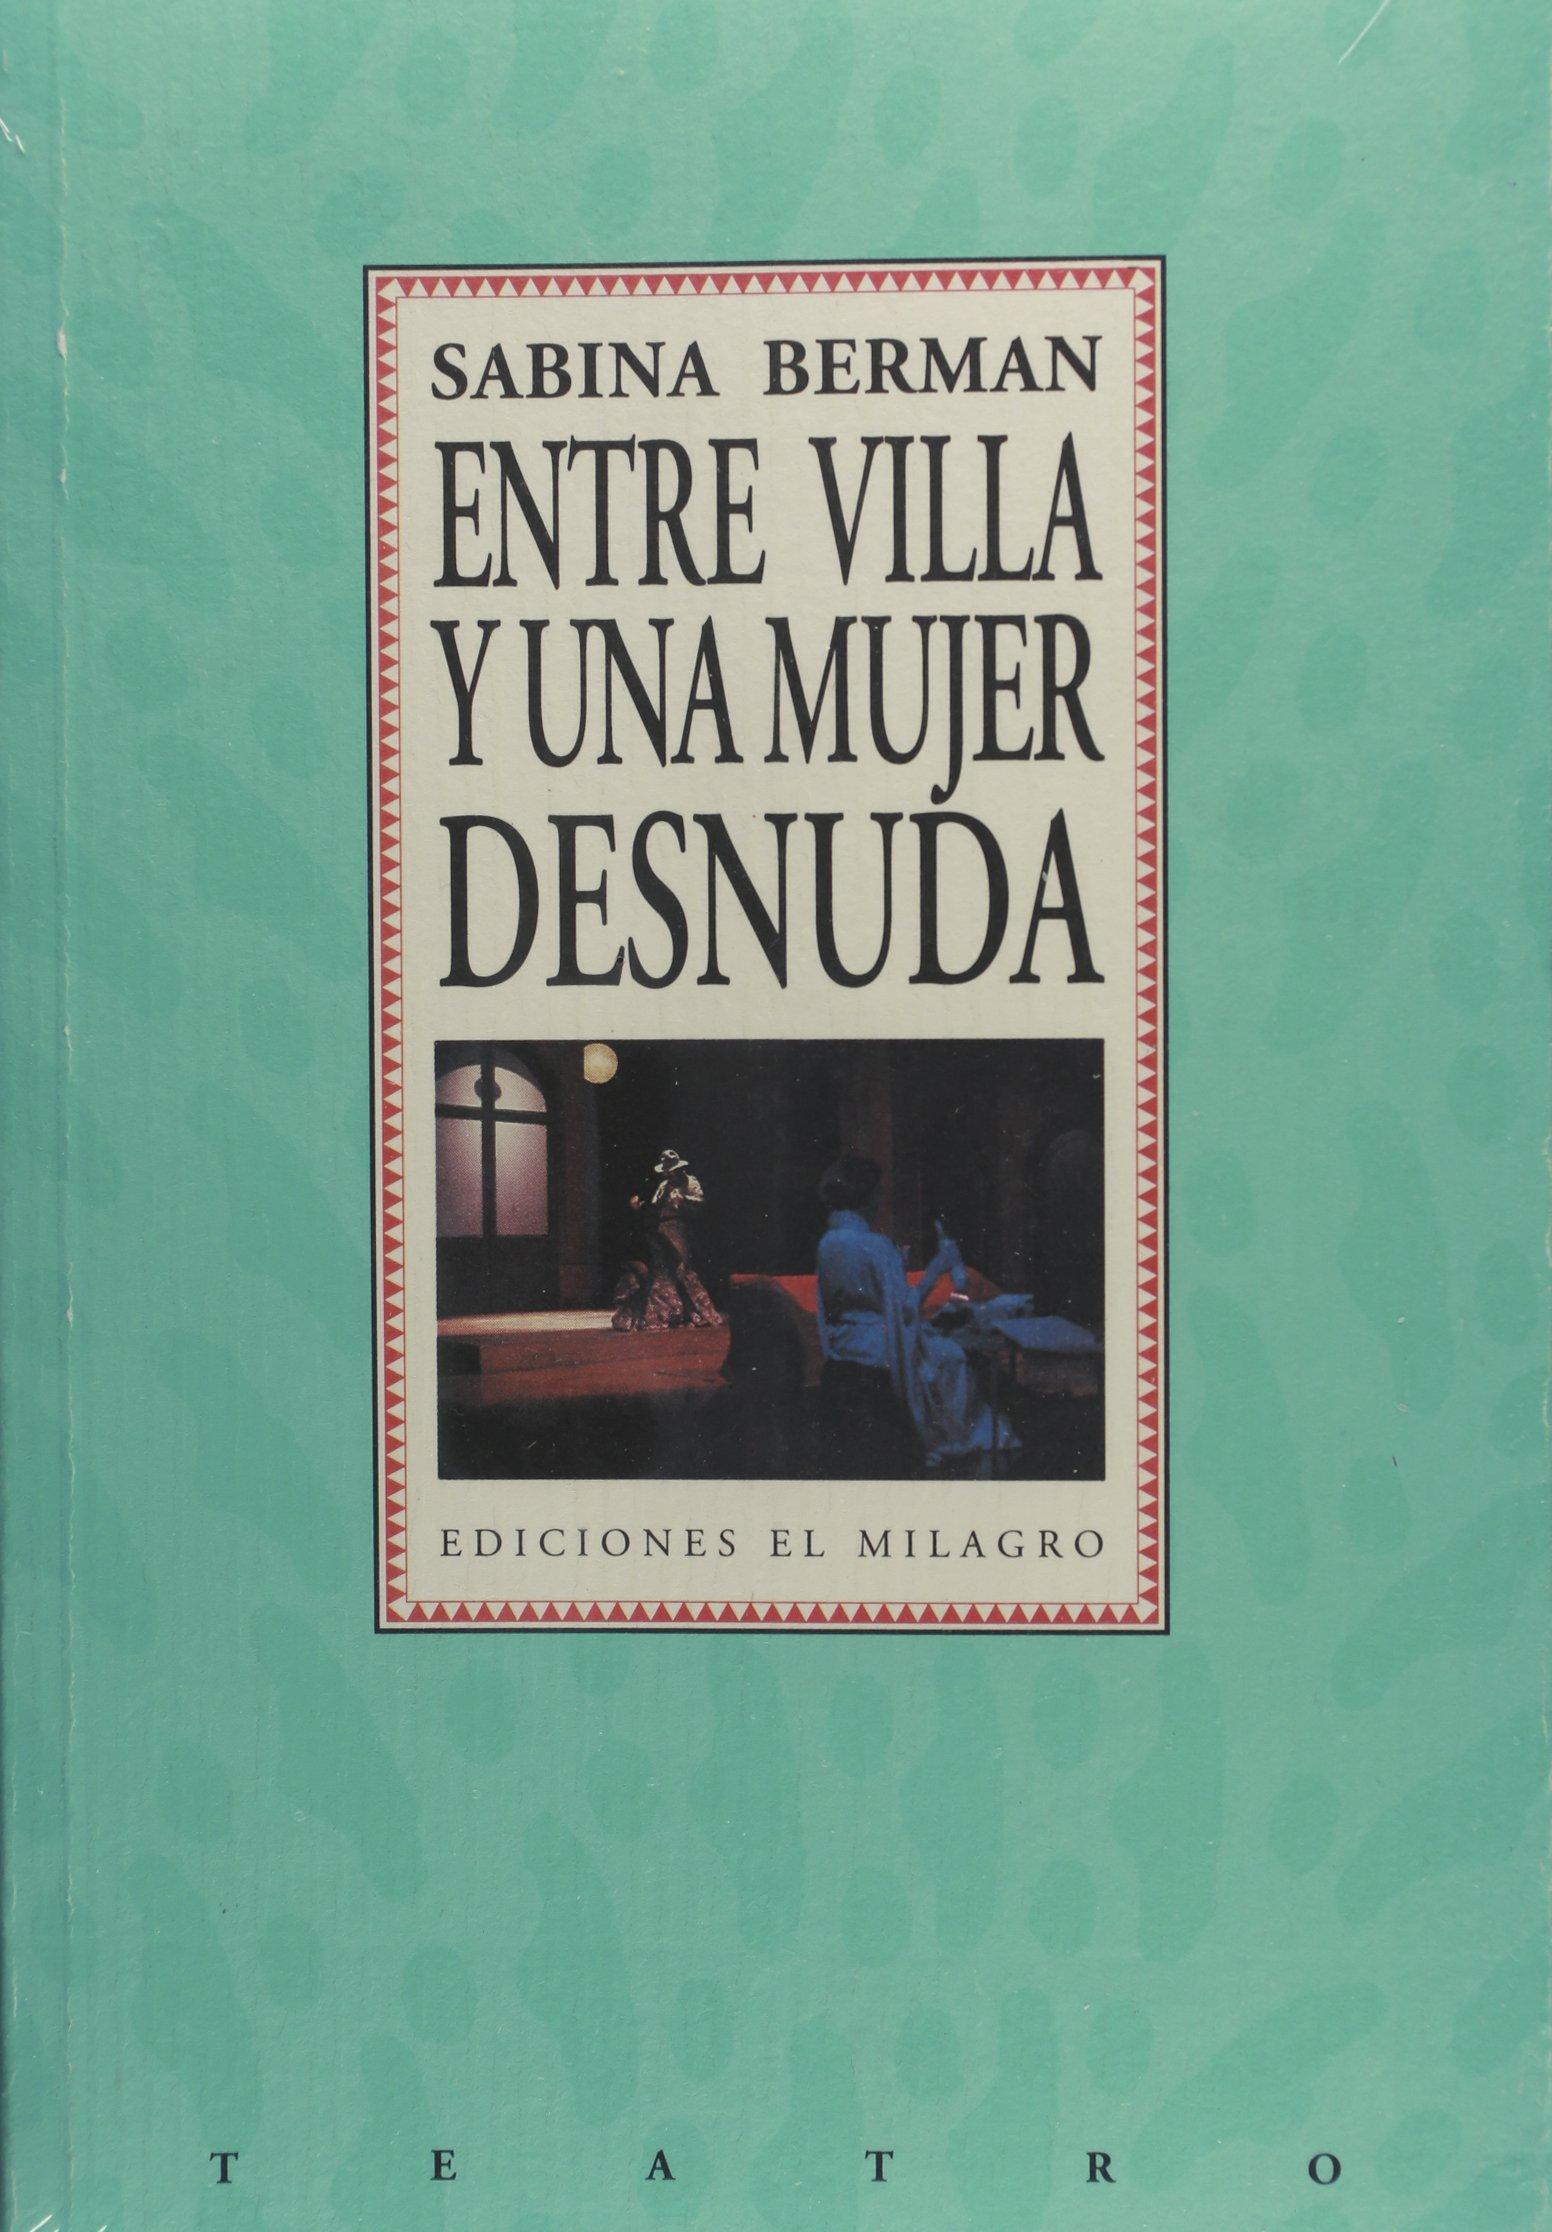 Entre villa y una mujer desnuda teatro spanish edition sabina entre villa y una mujer desnuda teatro spanish edition sabina berman 9789686773149 amazon books fandeluxe Gallery